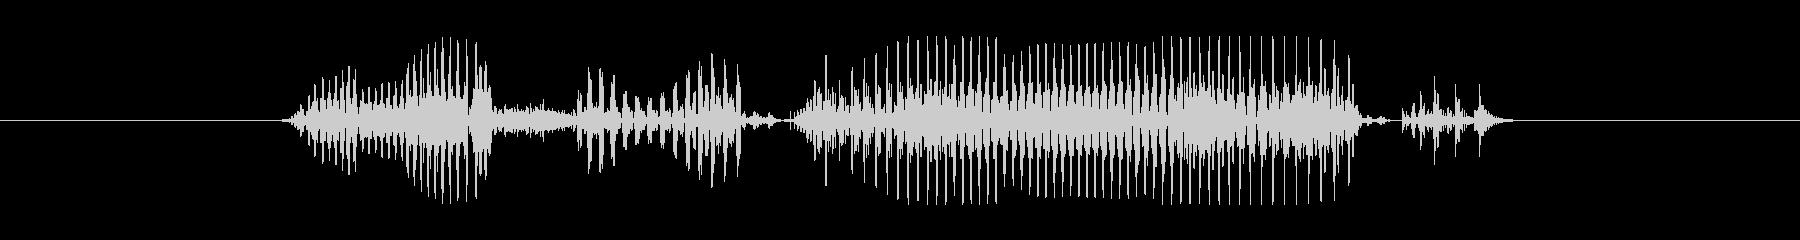 今すぐダウンロード 低音の未再生の波形